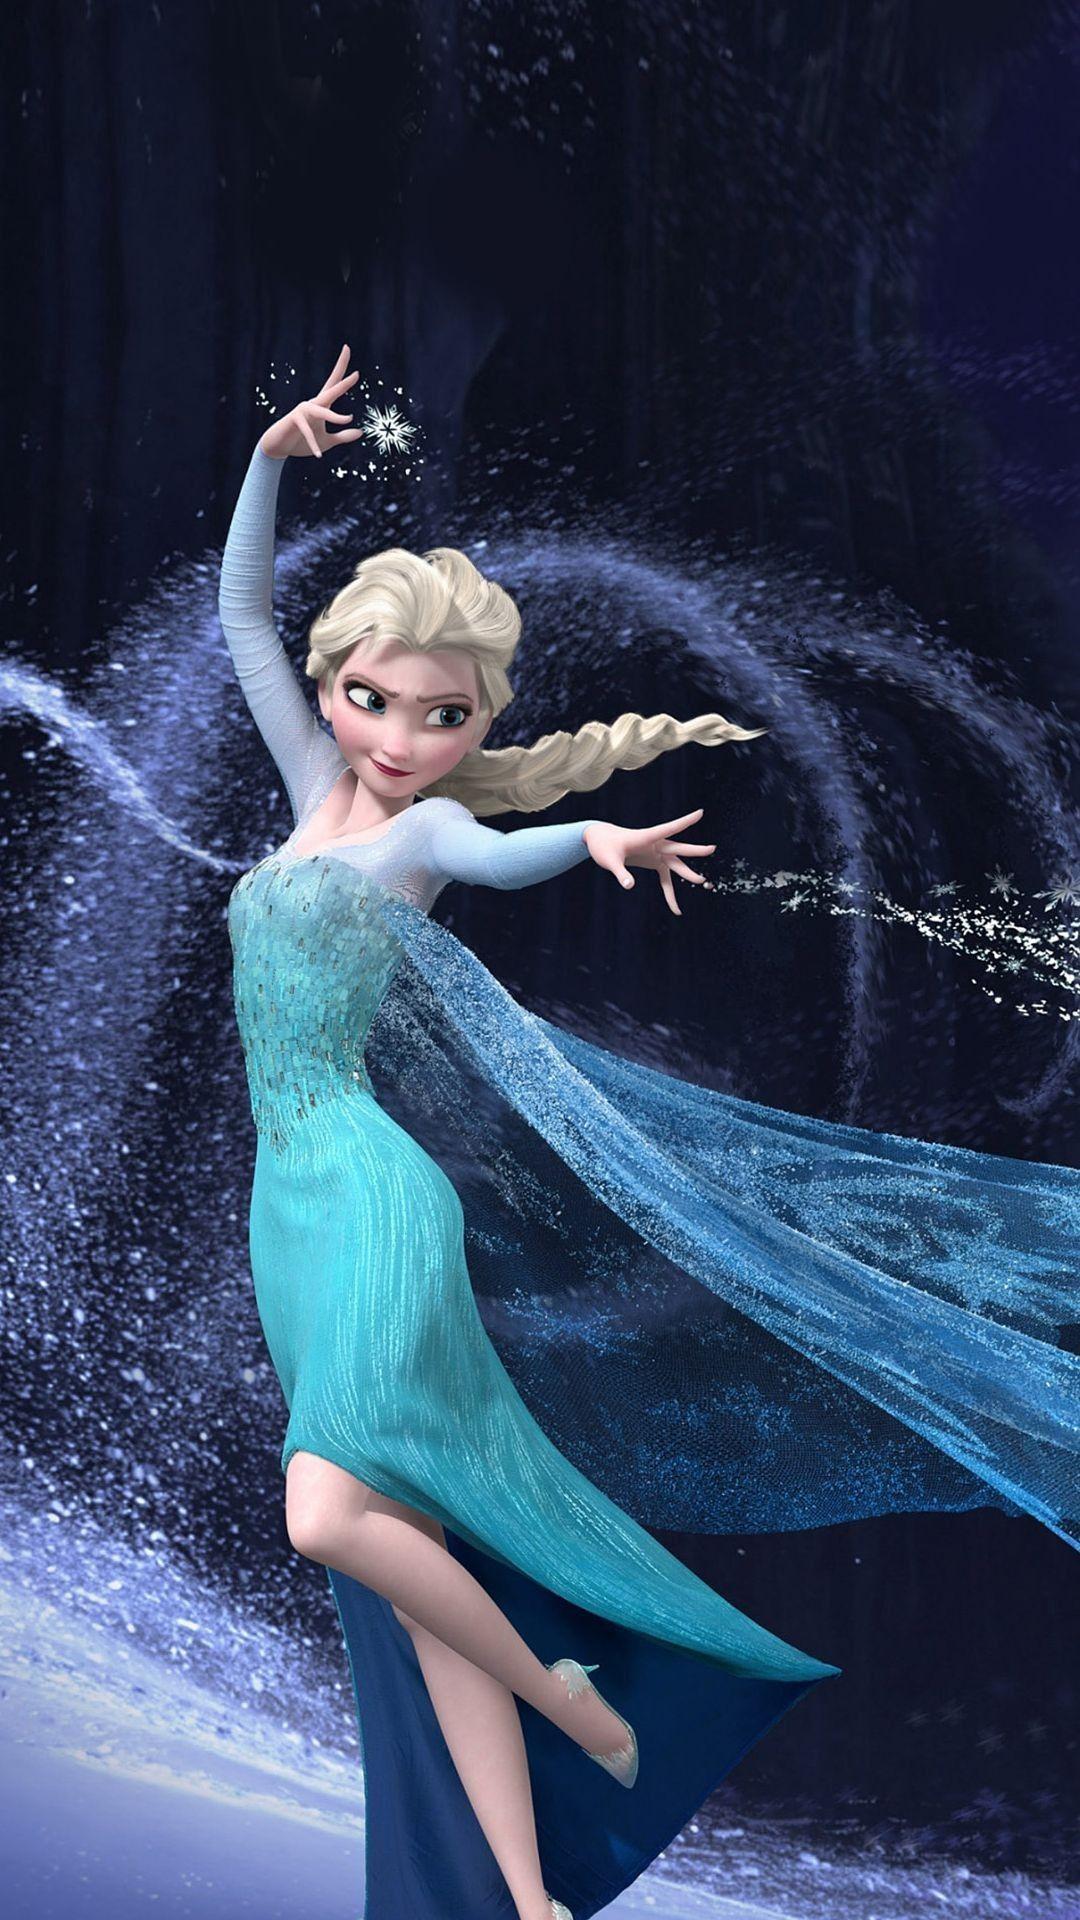 2014 Christmas Blue Glitter Dress Queen Elsa iPhone 6 Plus